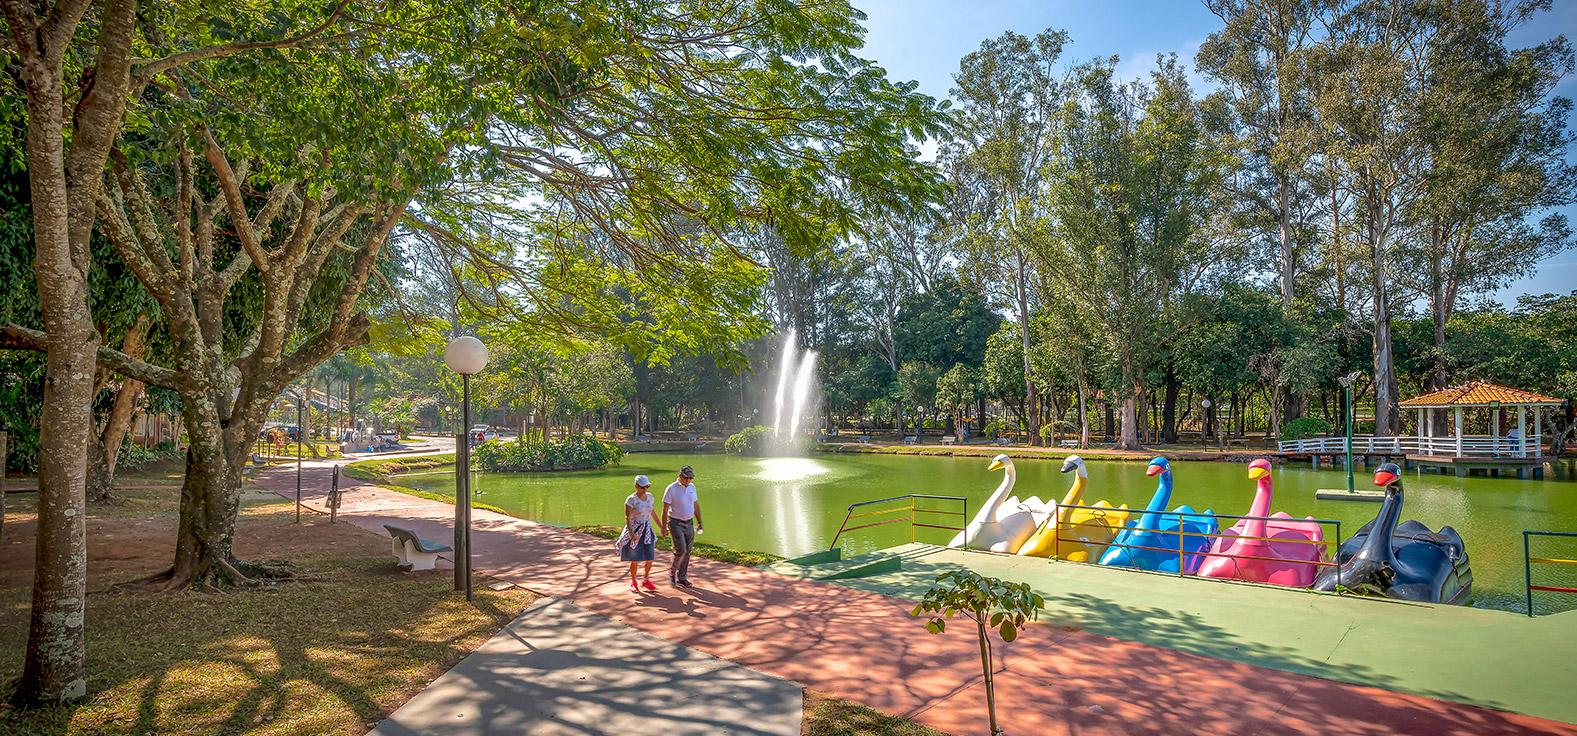 Parque Maria Angélica em São Pedro | Portal Serra do Itaquerí